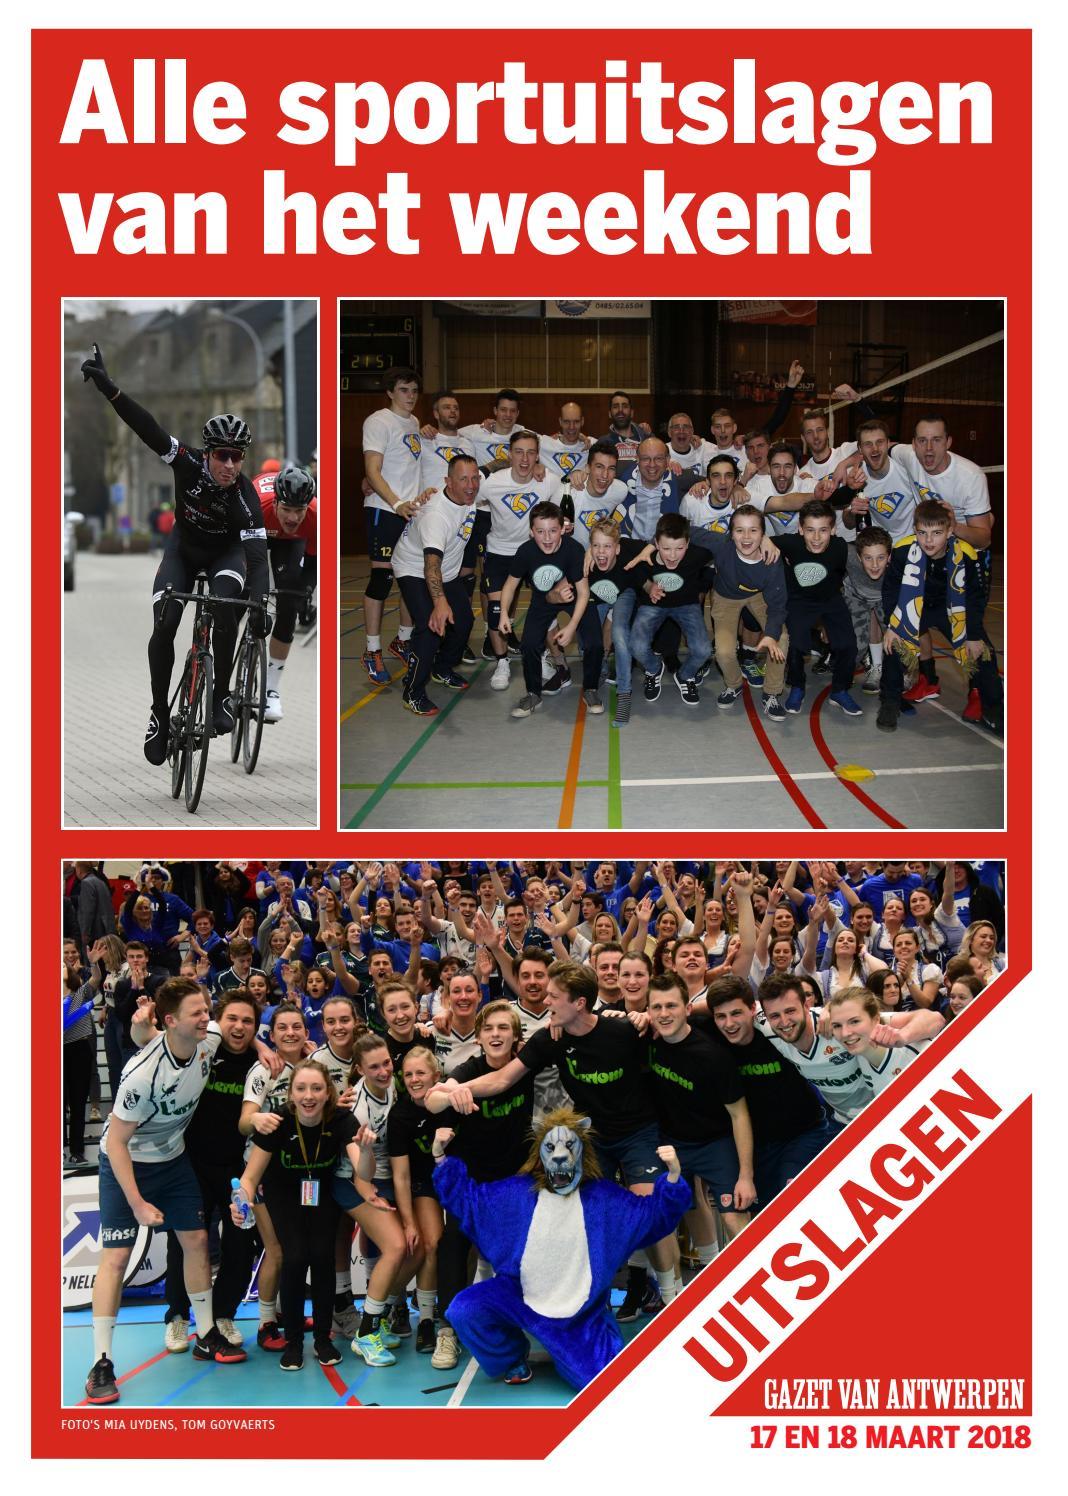 b4645583222 Sportuitslagen 2018-03-18 by gazetvanantwerpen - issuu